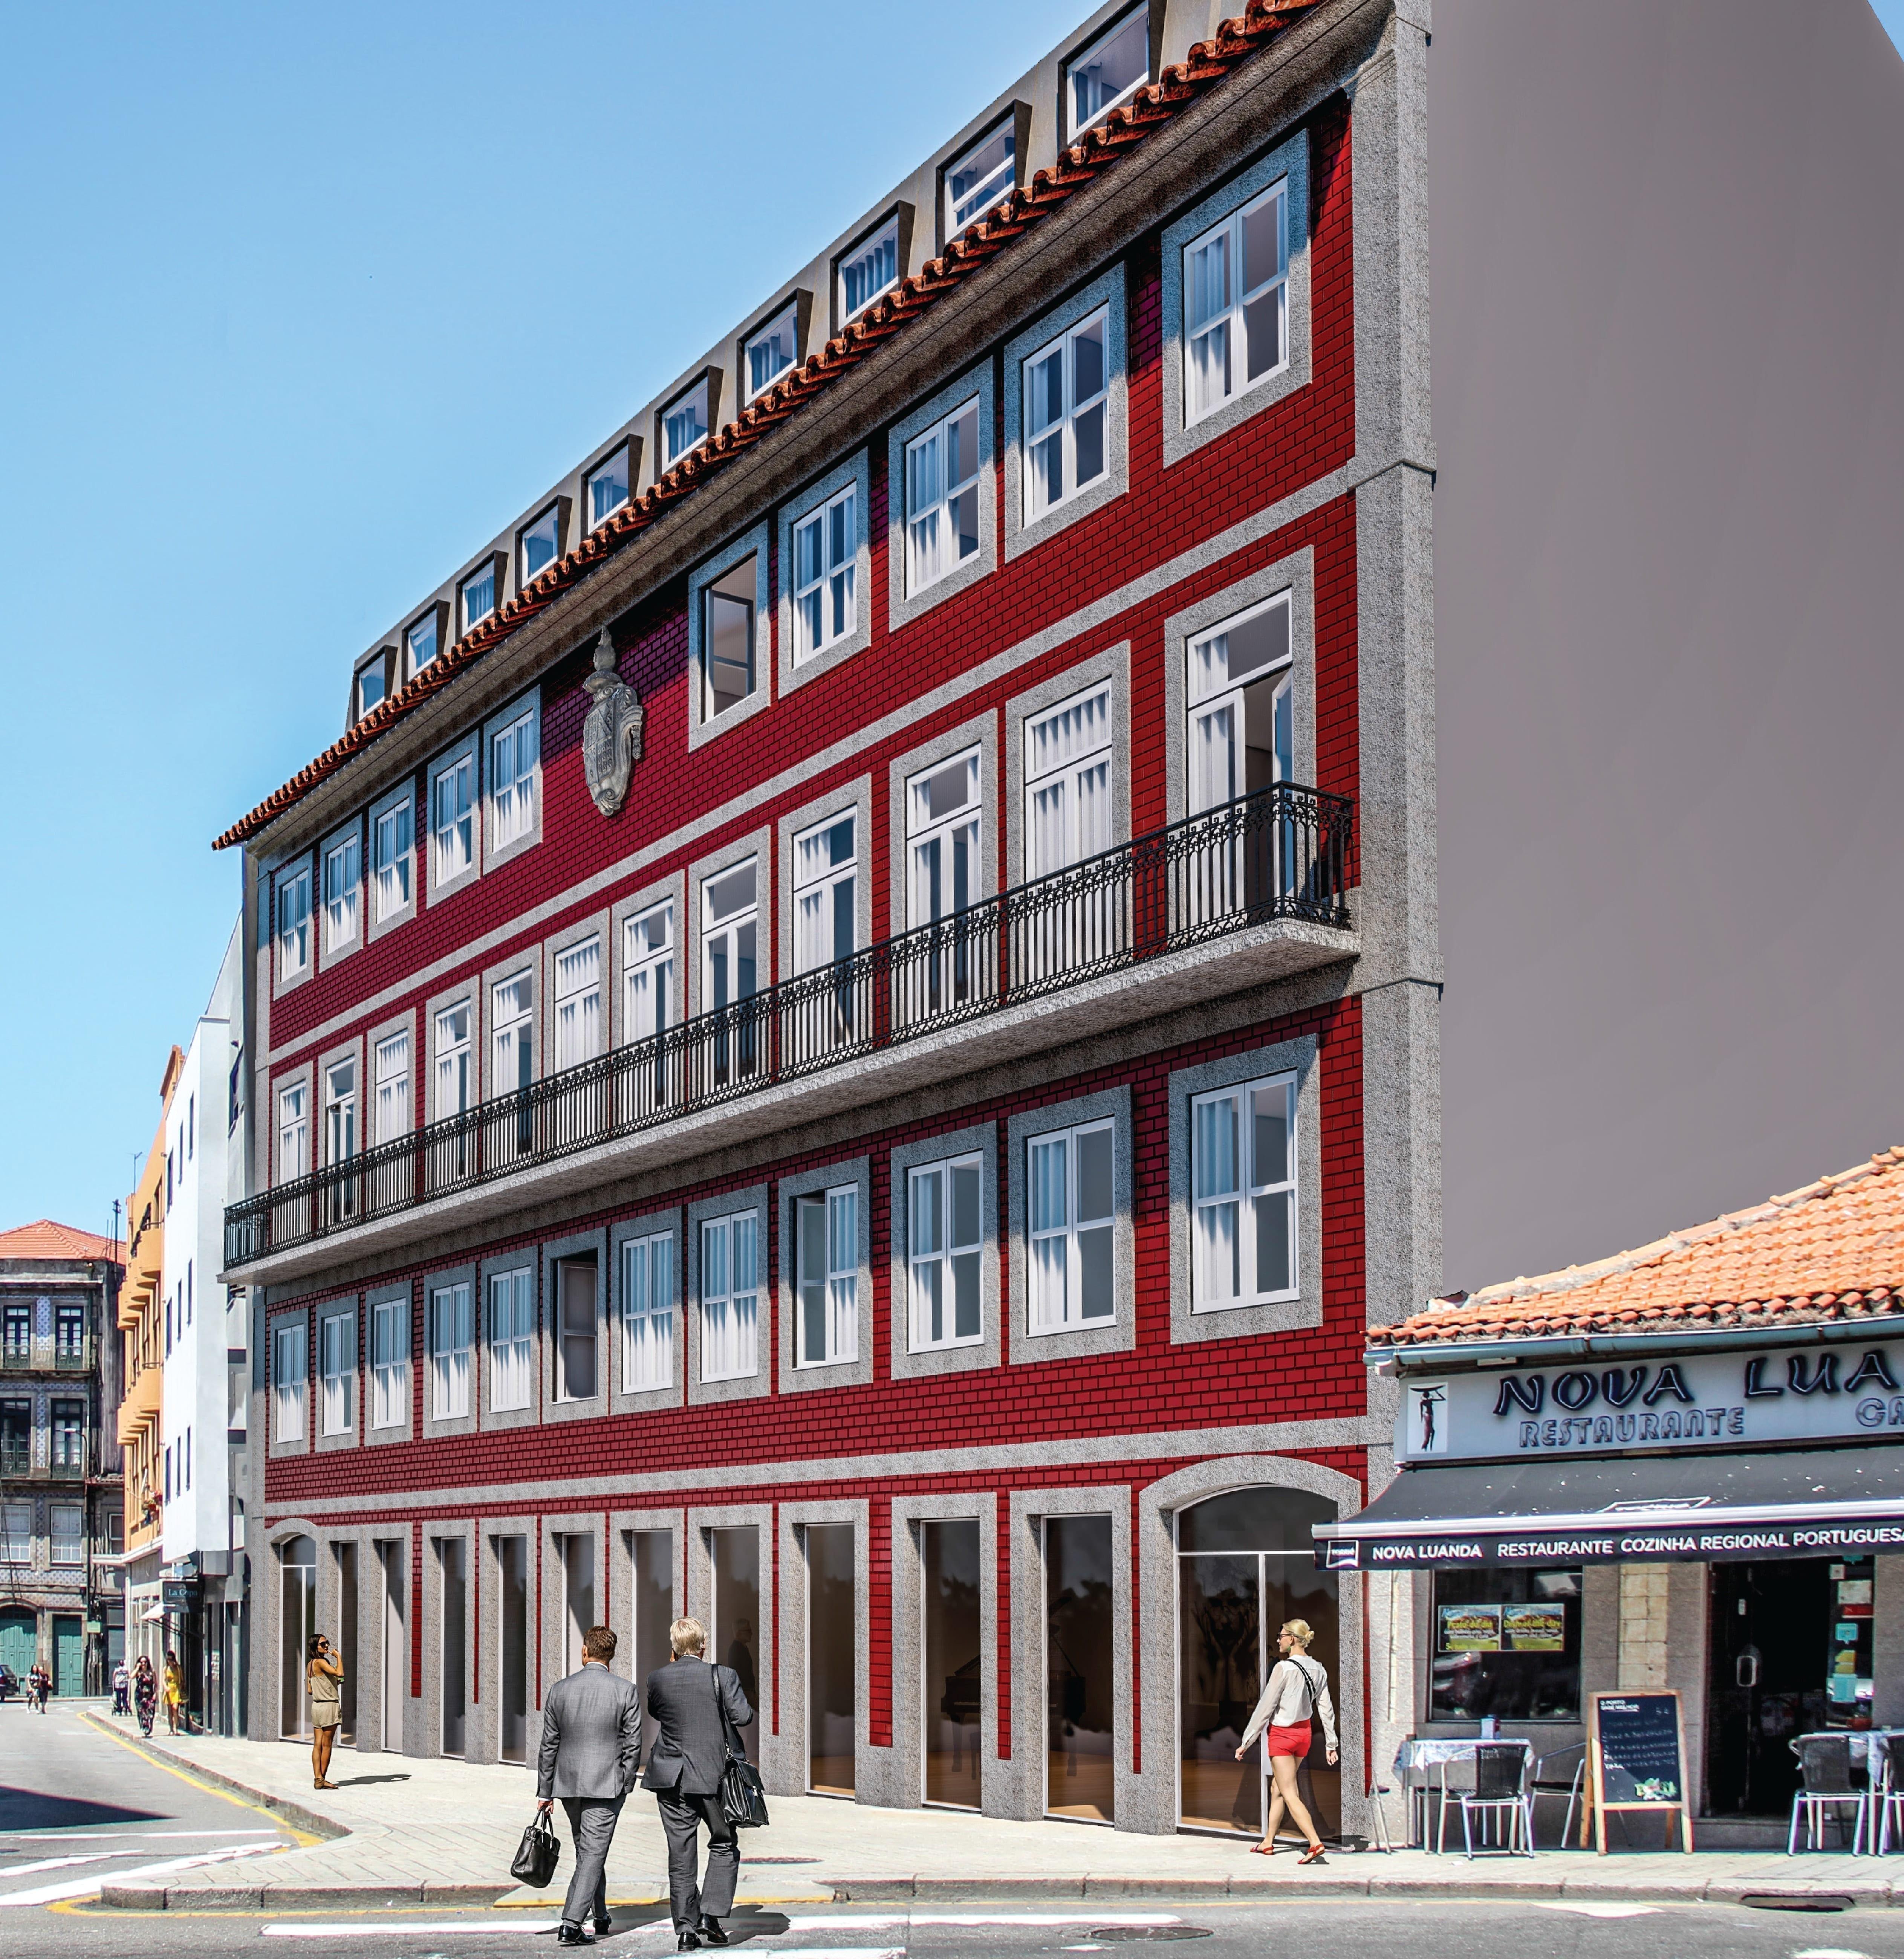 Portugal Goldev Visa Program - belas Artes